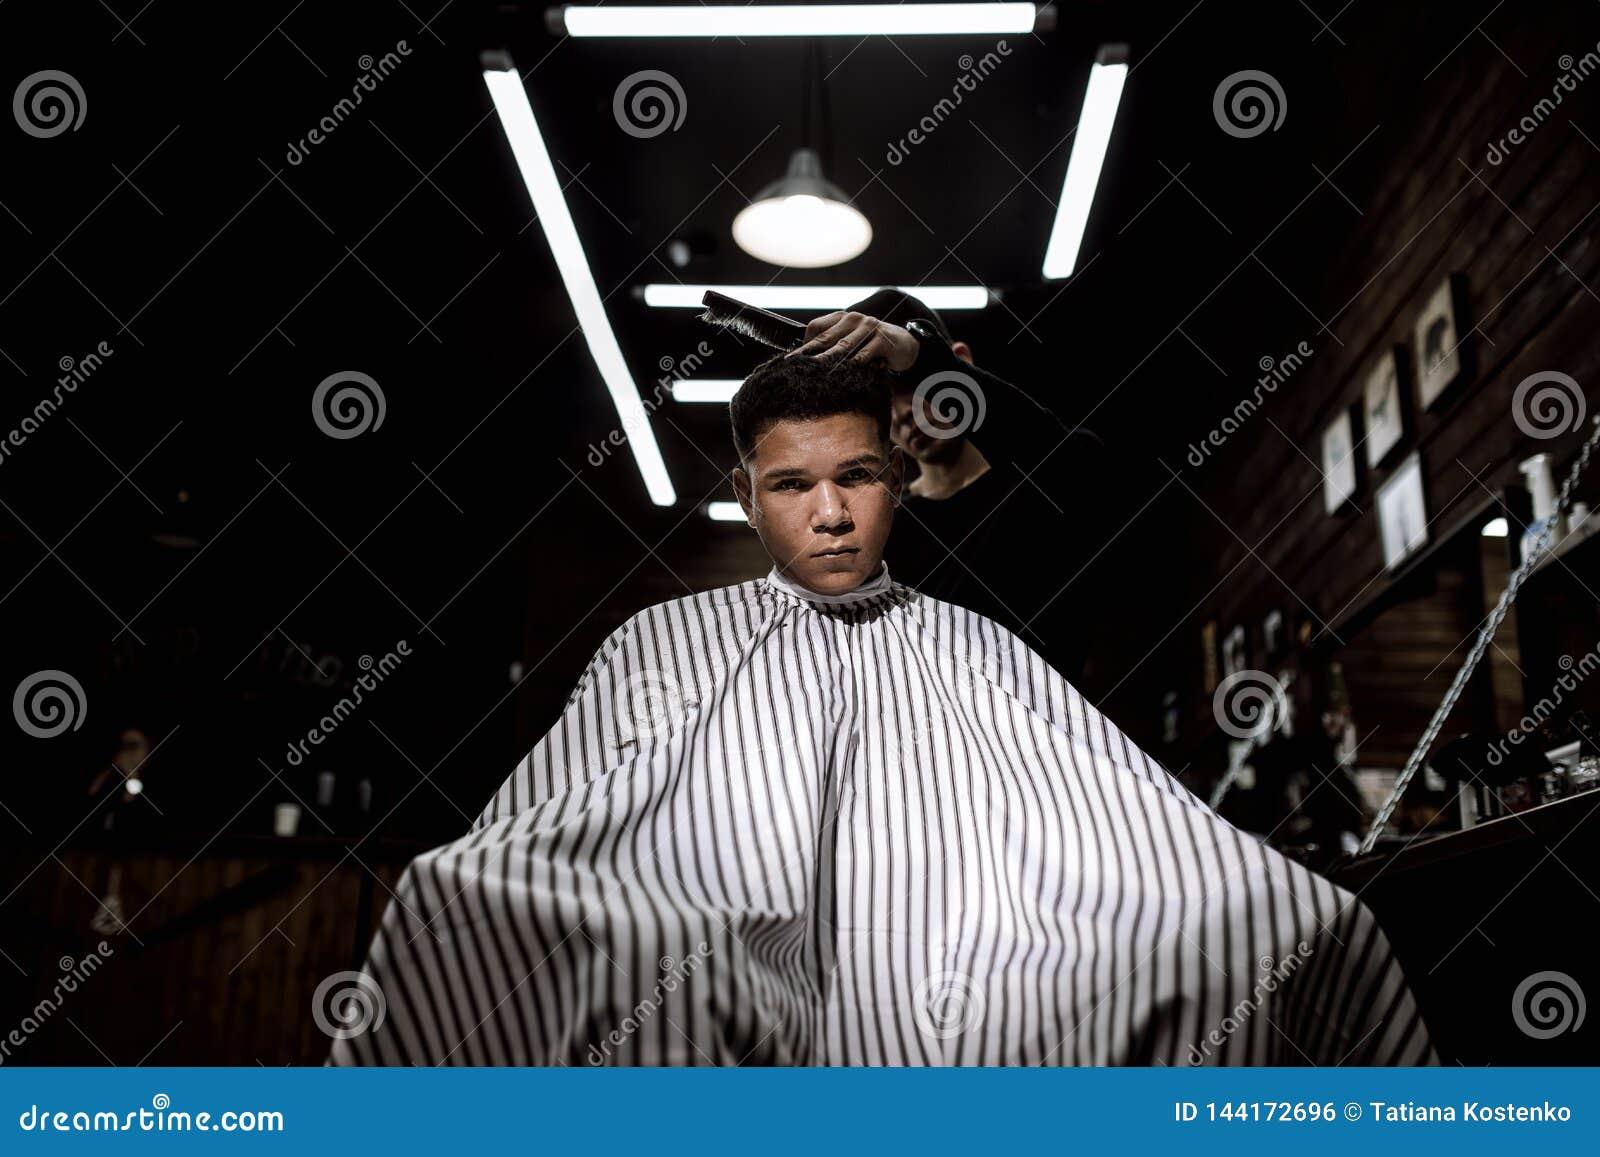 Elegancki zakład fryzjerski Moda fryzjer męski robi eleganckiej fryzurze dla czarnogłowego mężczyzny obsiadania w karle